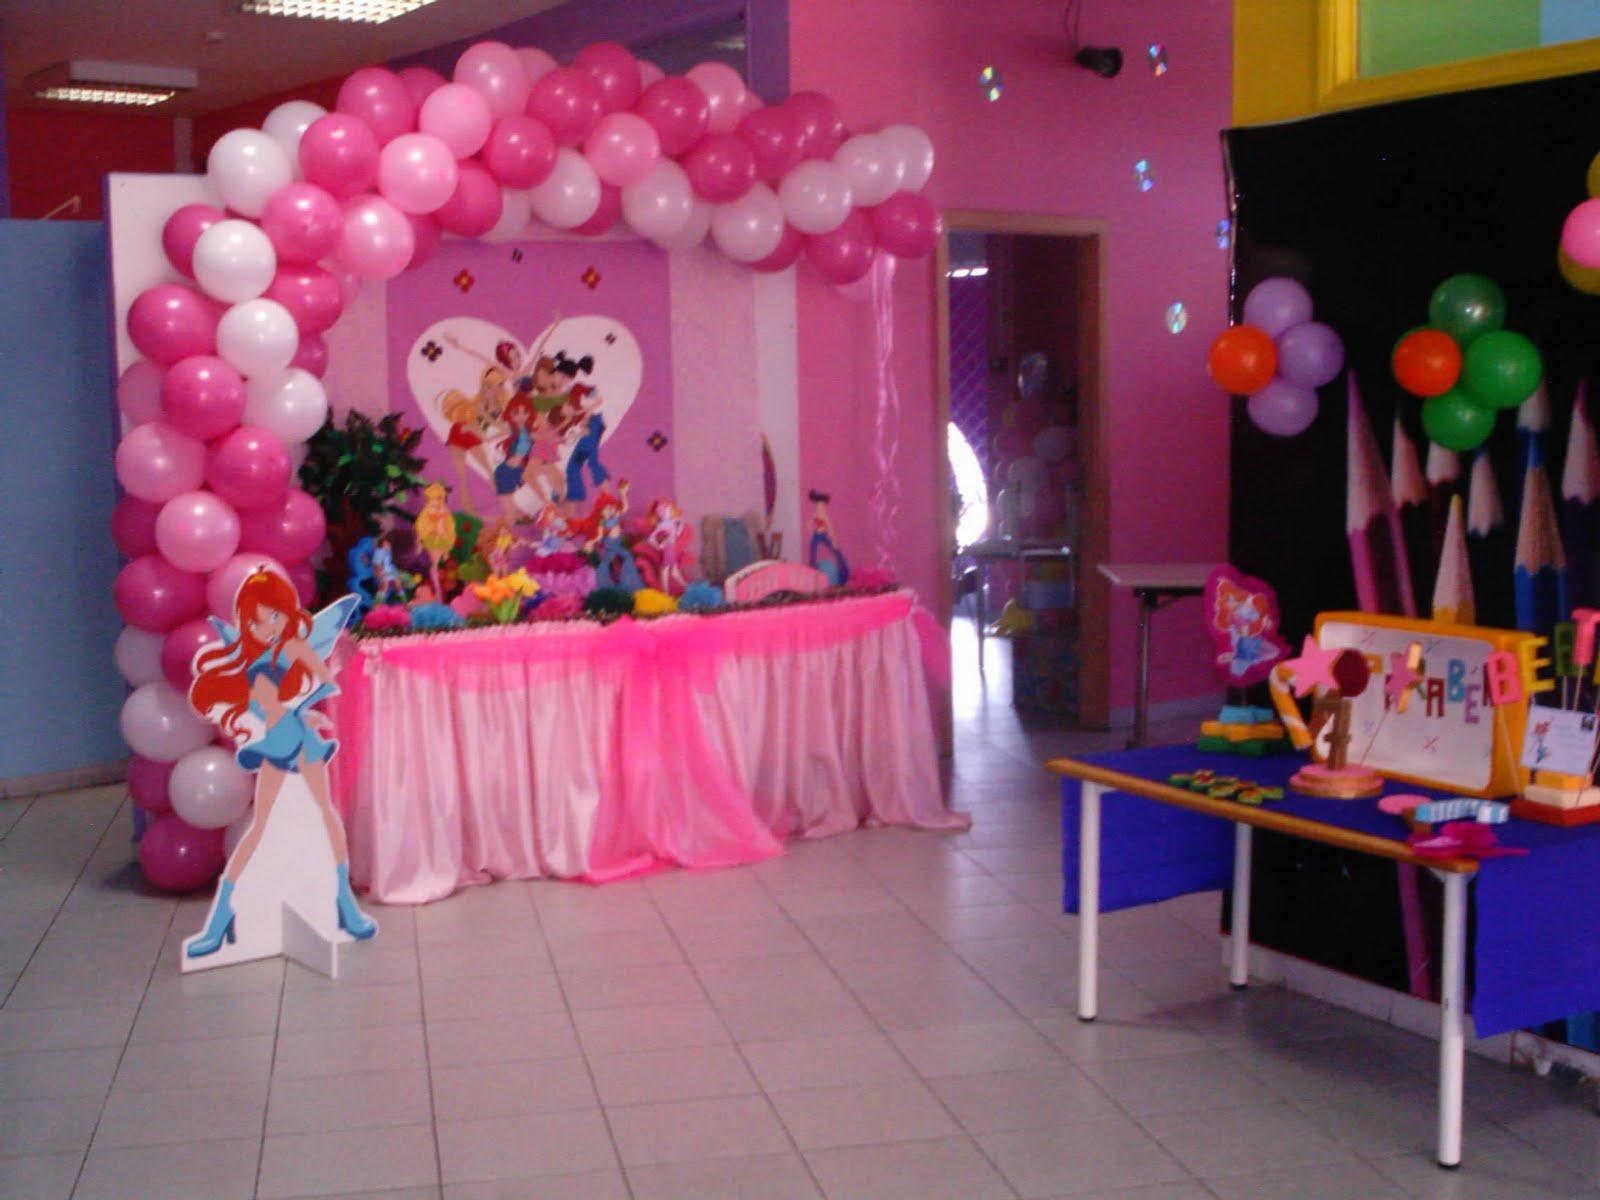 decoracao festa winx:decoracoes festas aniversario: Festa de Aniversario das Winx